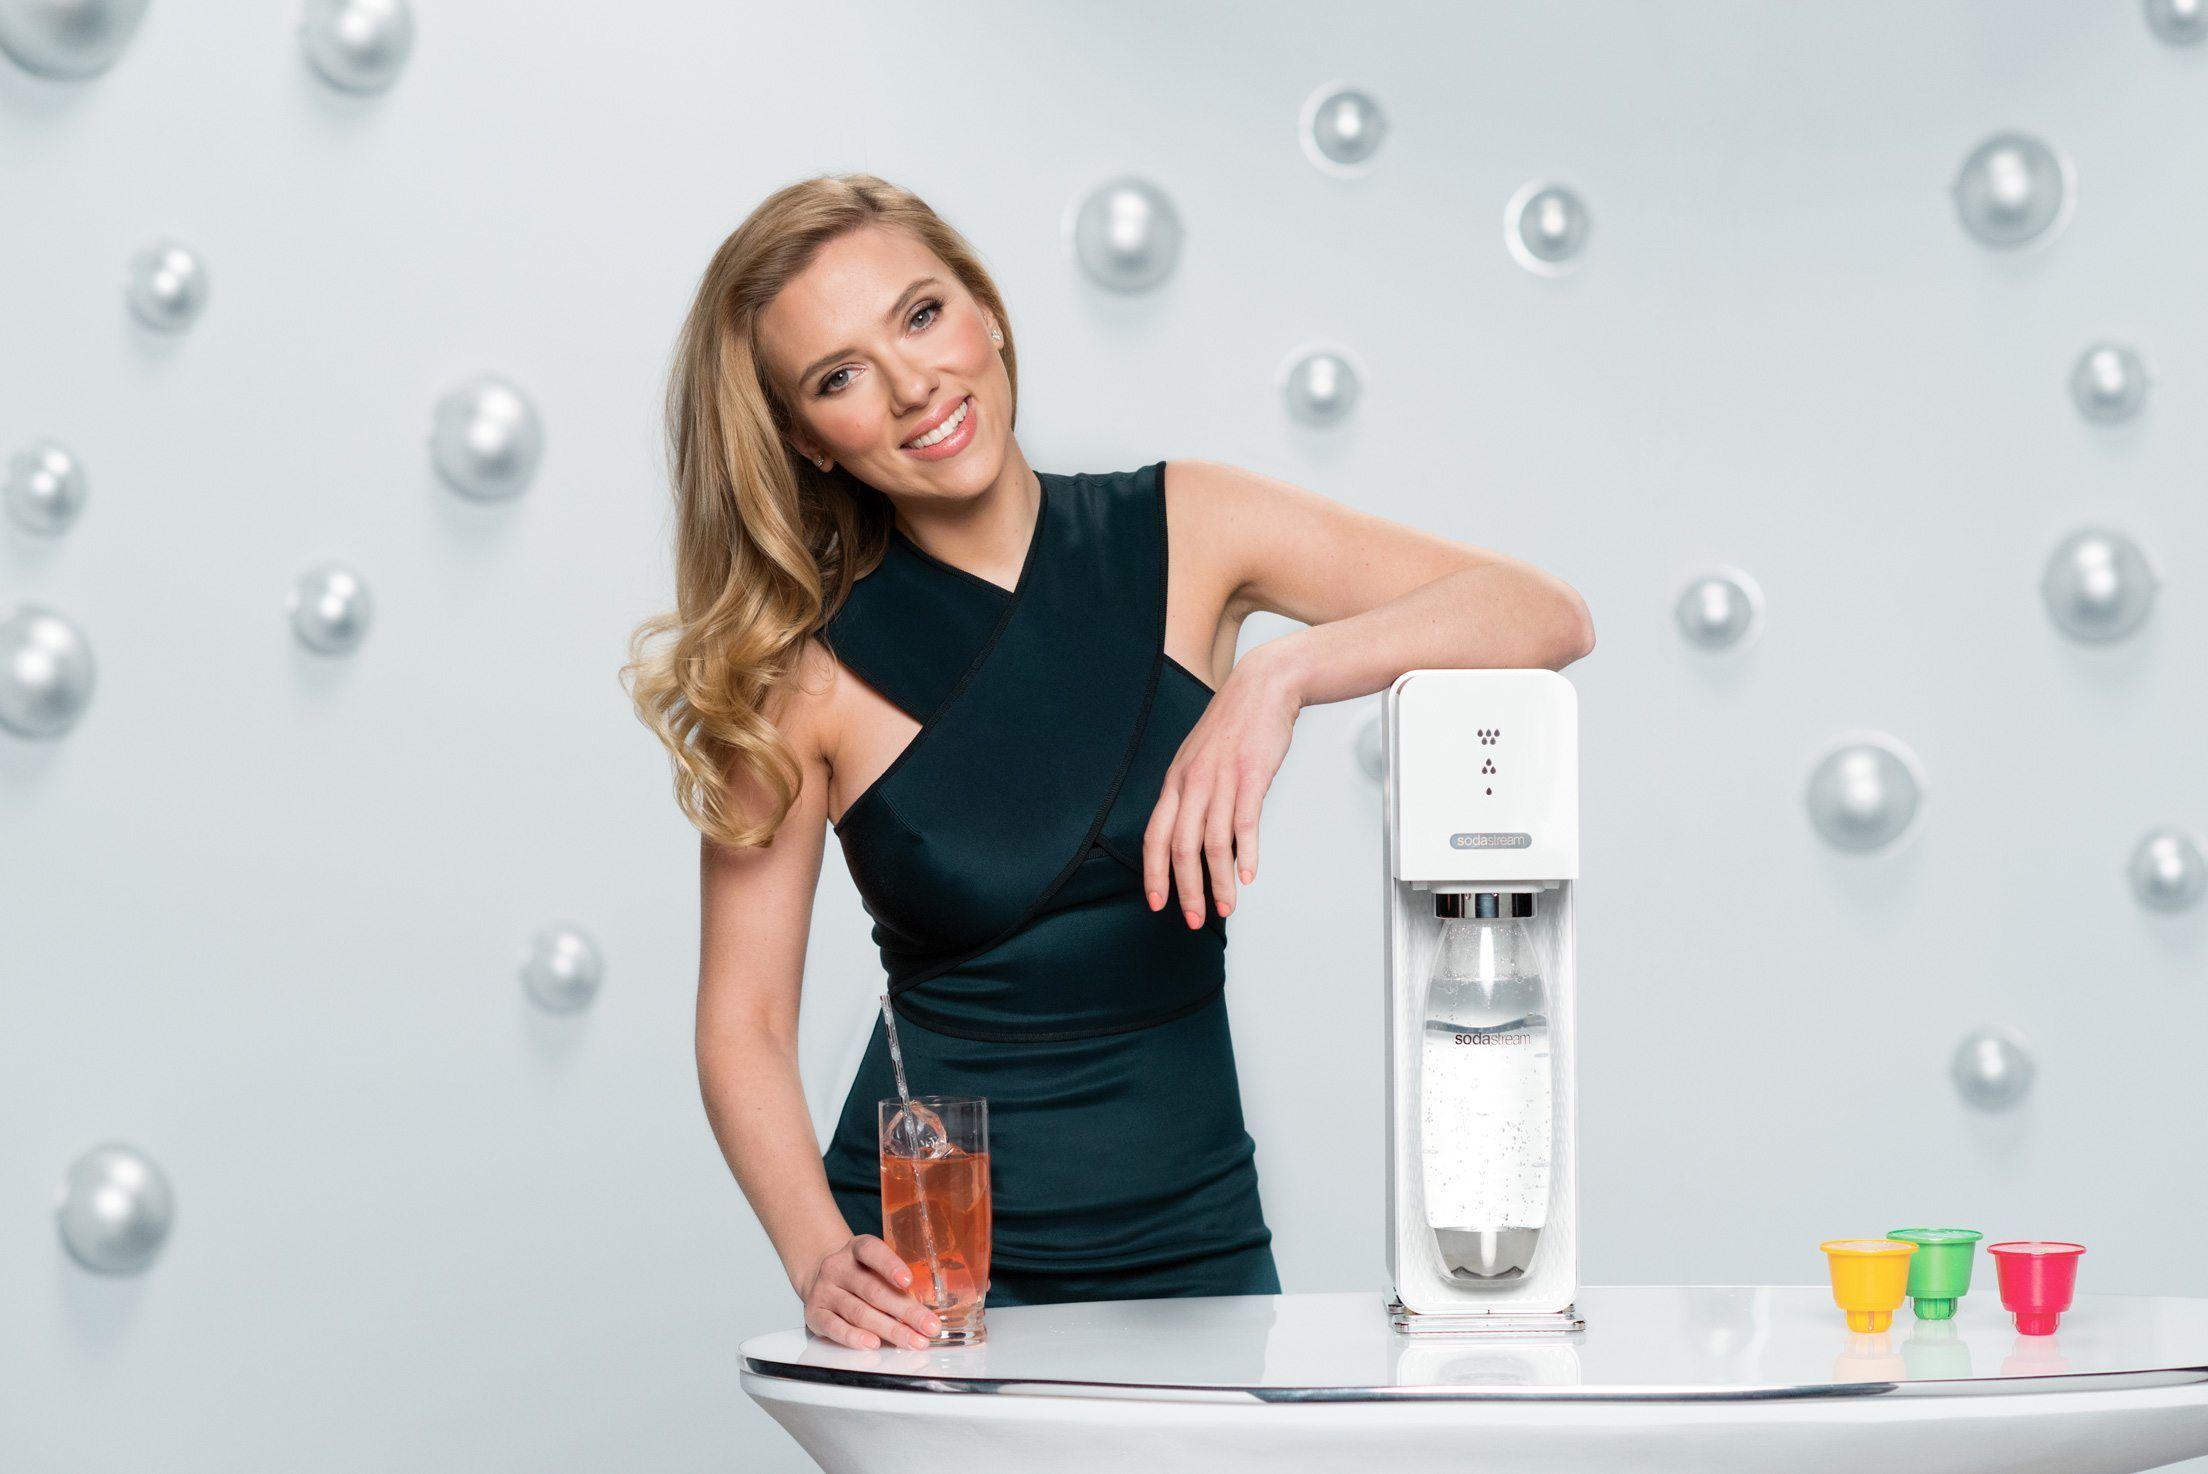 Skuespilleren Scarlett Johansson anbefaler SodaStream-produktene.